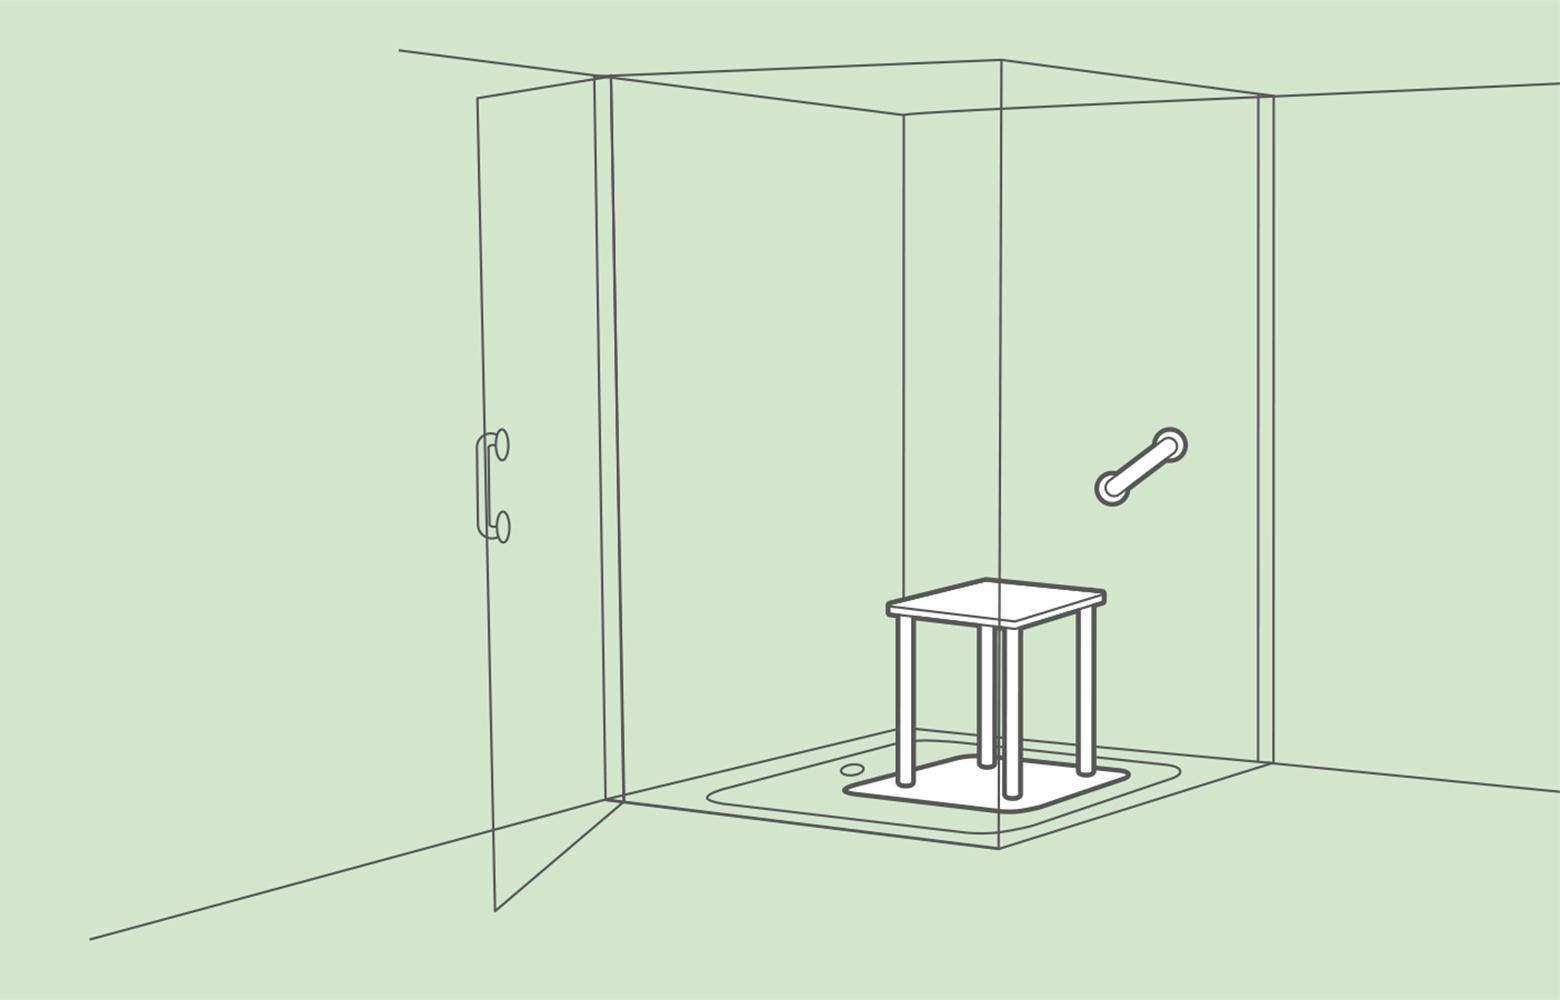 Full Size of Bodengleiche Dusche Einbauen Behindertengerechte Barrierefreie Pflegede Eckeinstieg Antirutschmatte Kleine Bäder Mit Moderne Duschen Unterputz Armatur Fenster Dusche Bodengleiche Dusche Einbauen